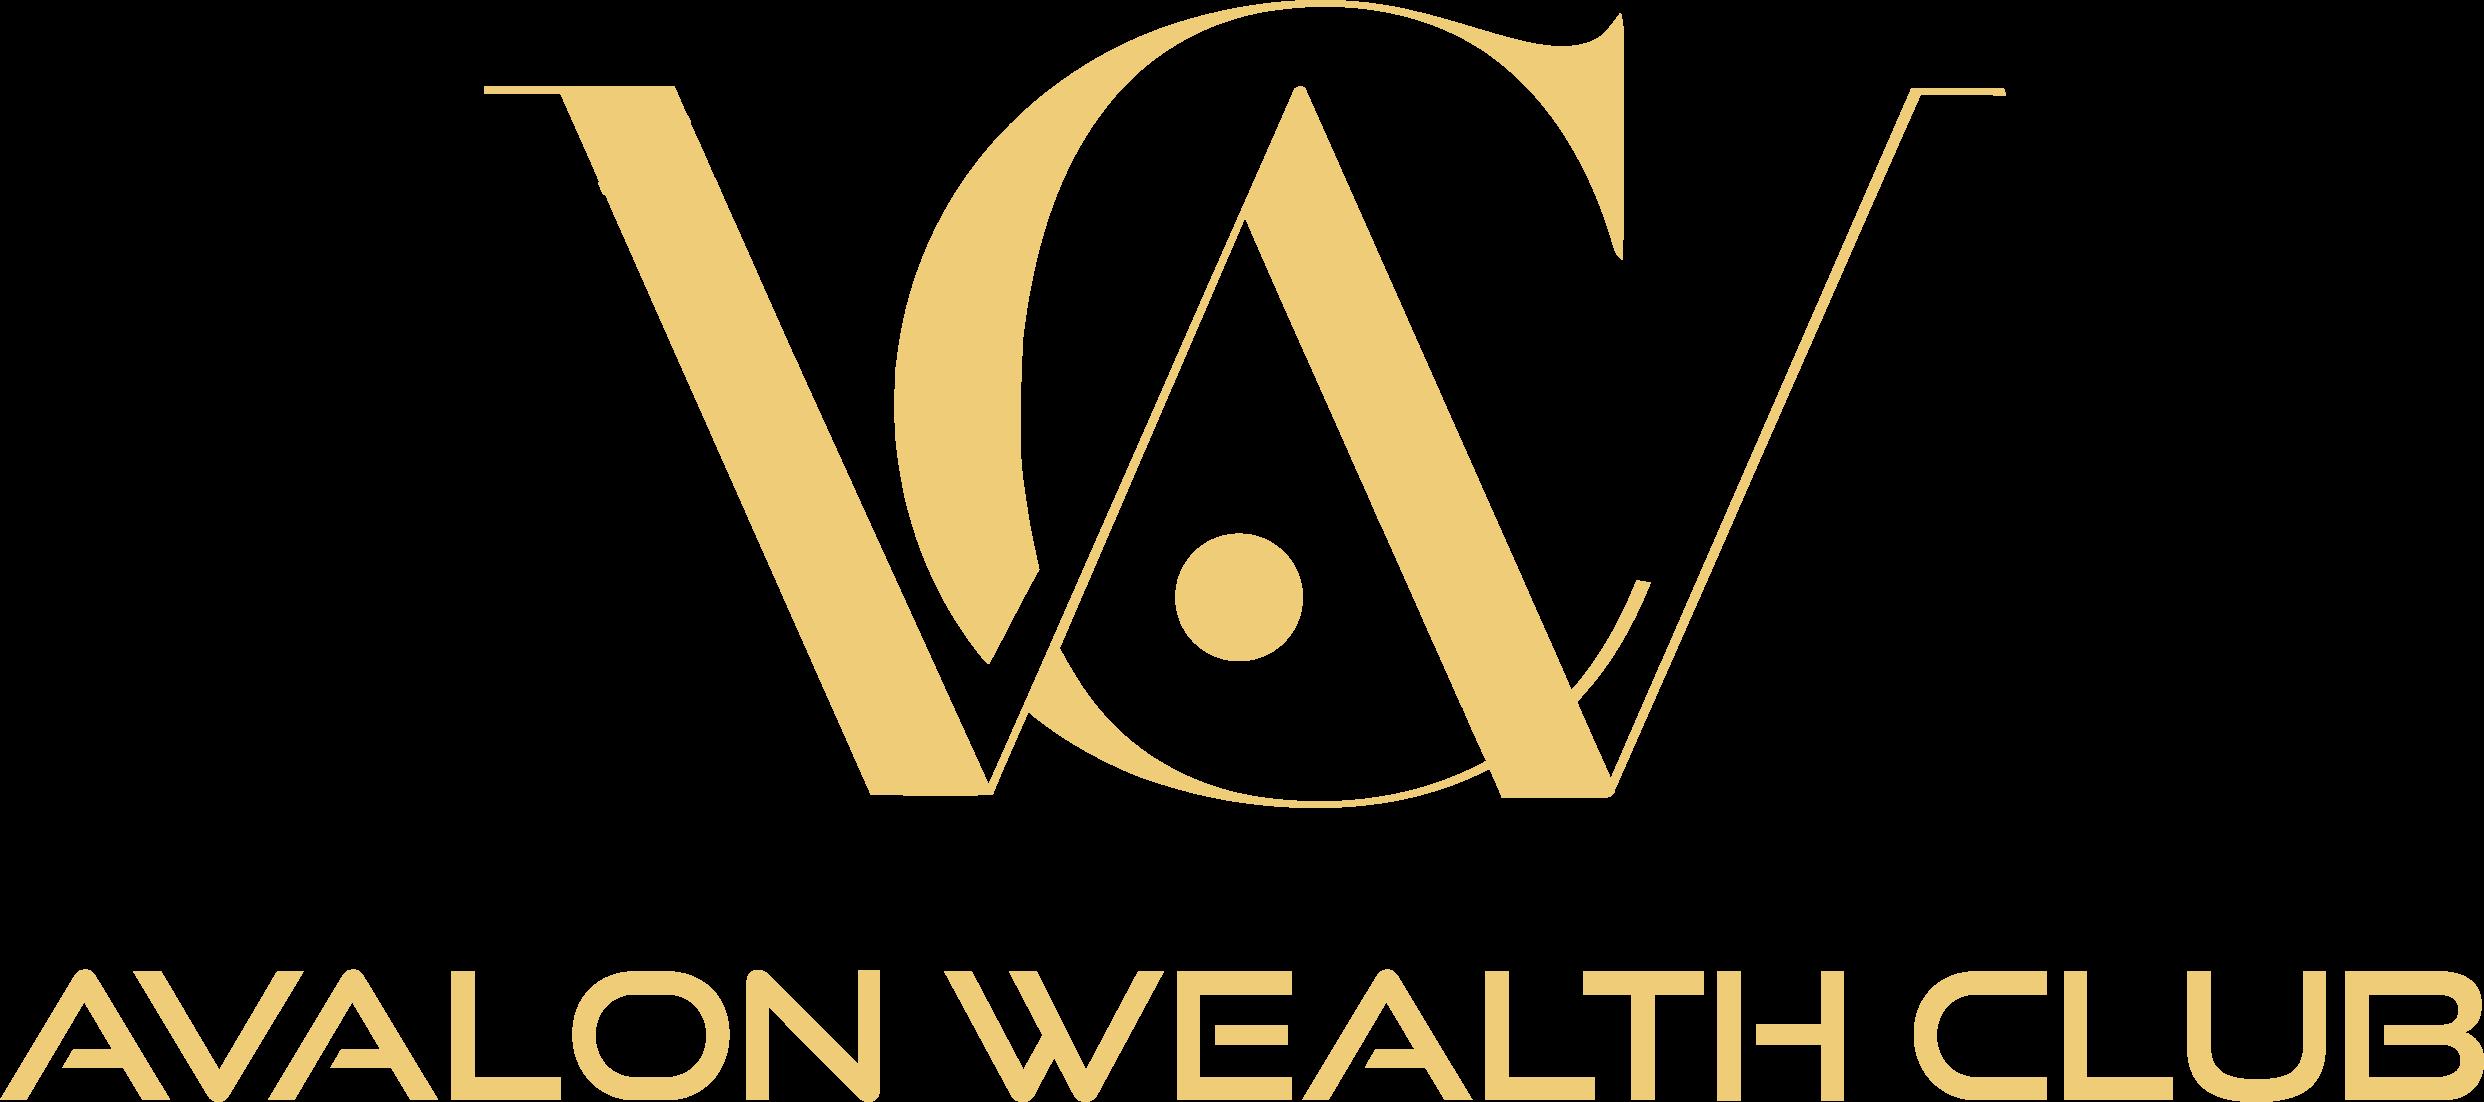 AVALON WEALTH CLUB